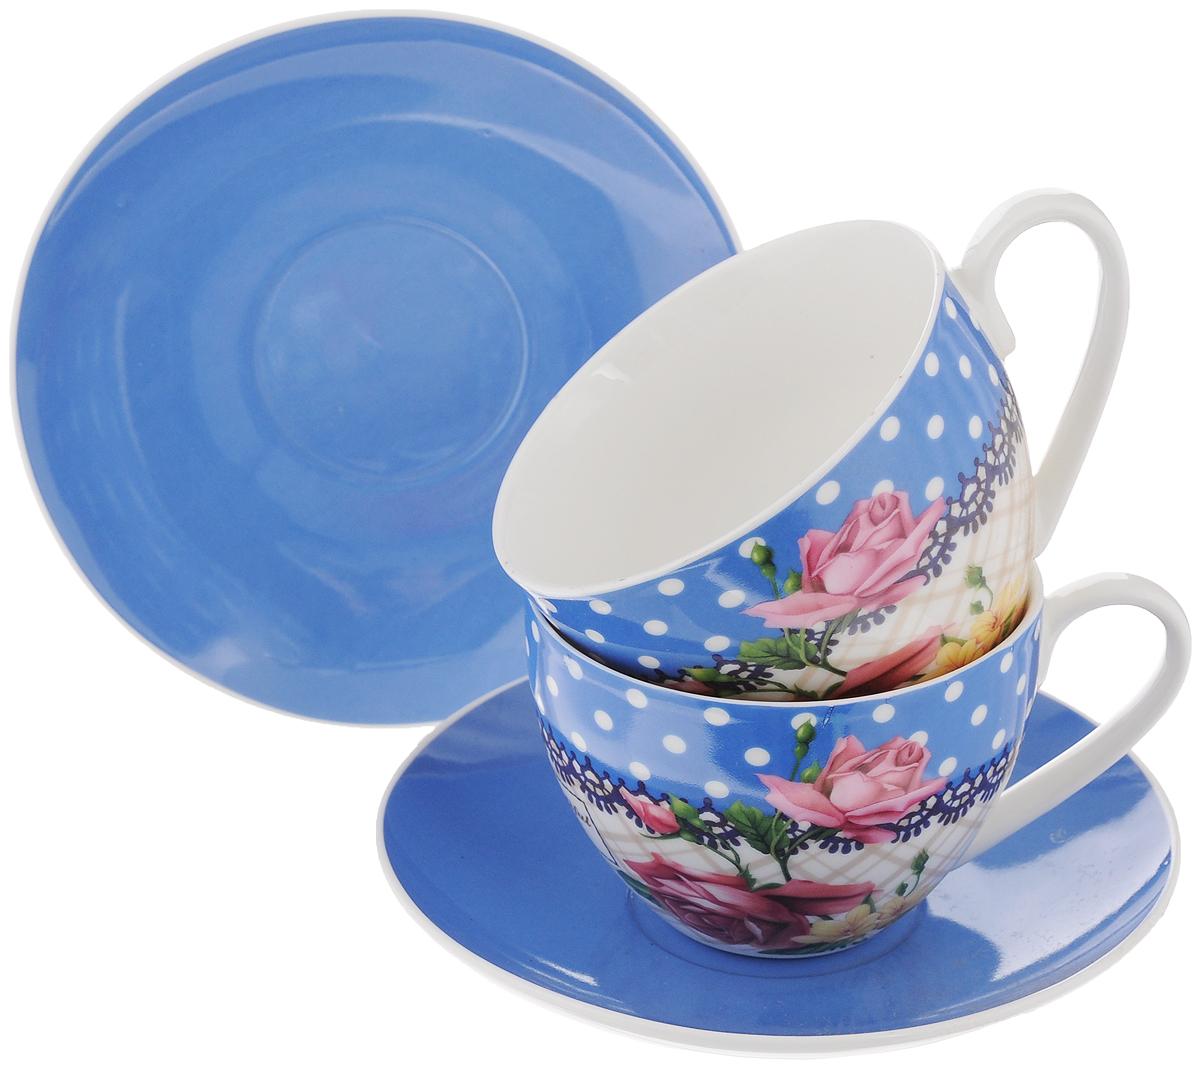 Набор чайный Loraine Букет, 4 предмета22997Чайный набор Loraine Букет состоит из двух чашек и двух блюдец, выполненных из высококачественного костяного фарфора. Чашки оформлены красивым цветочным рисунком. Такой набор красиво дополнит сервировку стола к чаепитию, а ткже станет замечательным подарком для ваших друзей и близких. Набор упакован в подарочную коробку в форме сердца, задрапированную белой атласной тканью. Объем чашки: 200 мл. Диаметр чашки (по верхнему краю): 9 см. Высота чашки: 6,5 см. Диаметр блюдца: 14 см.